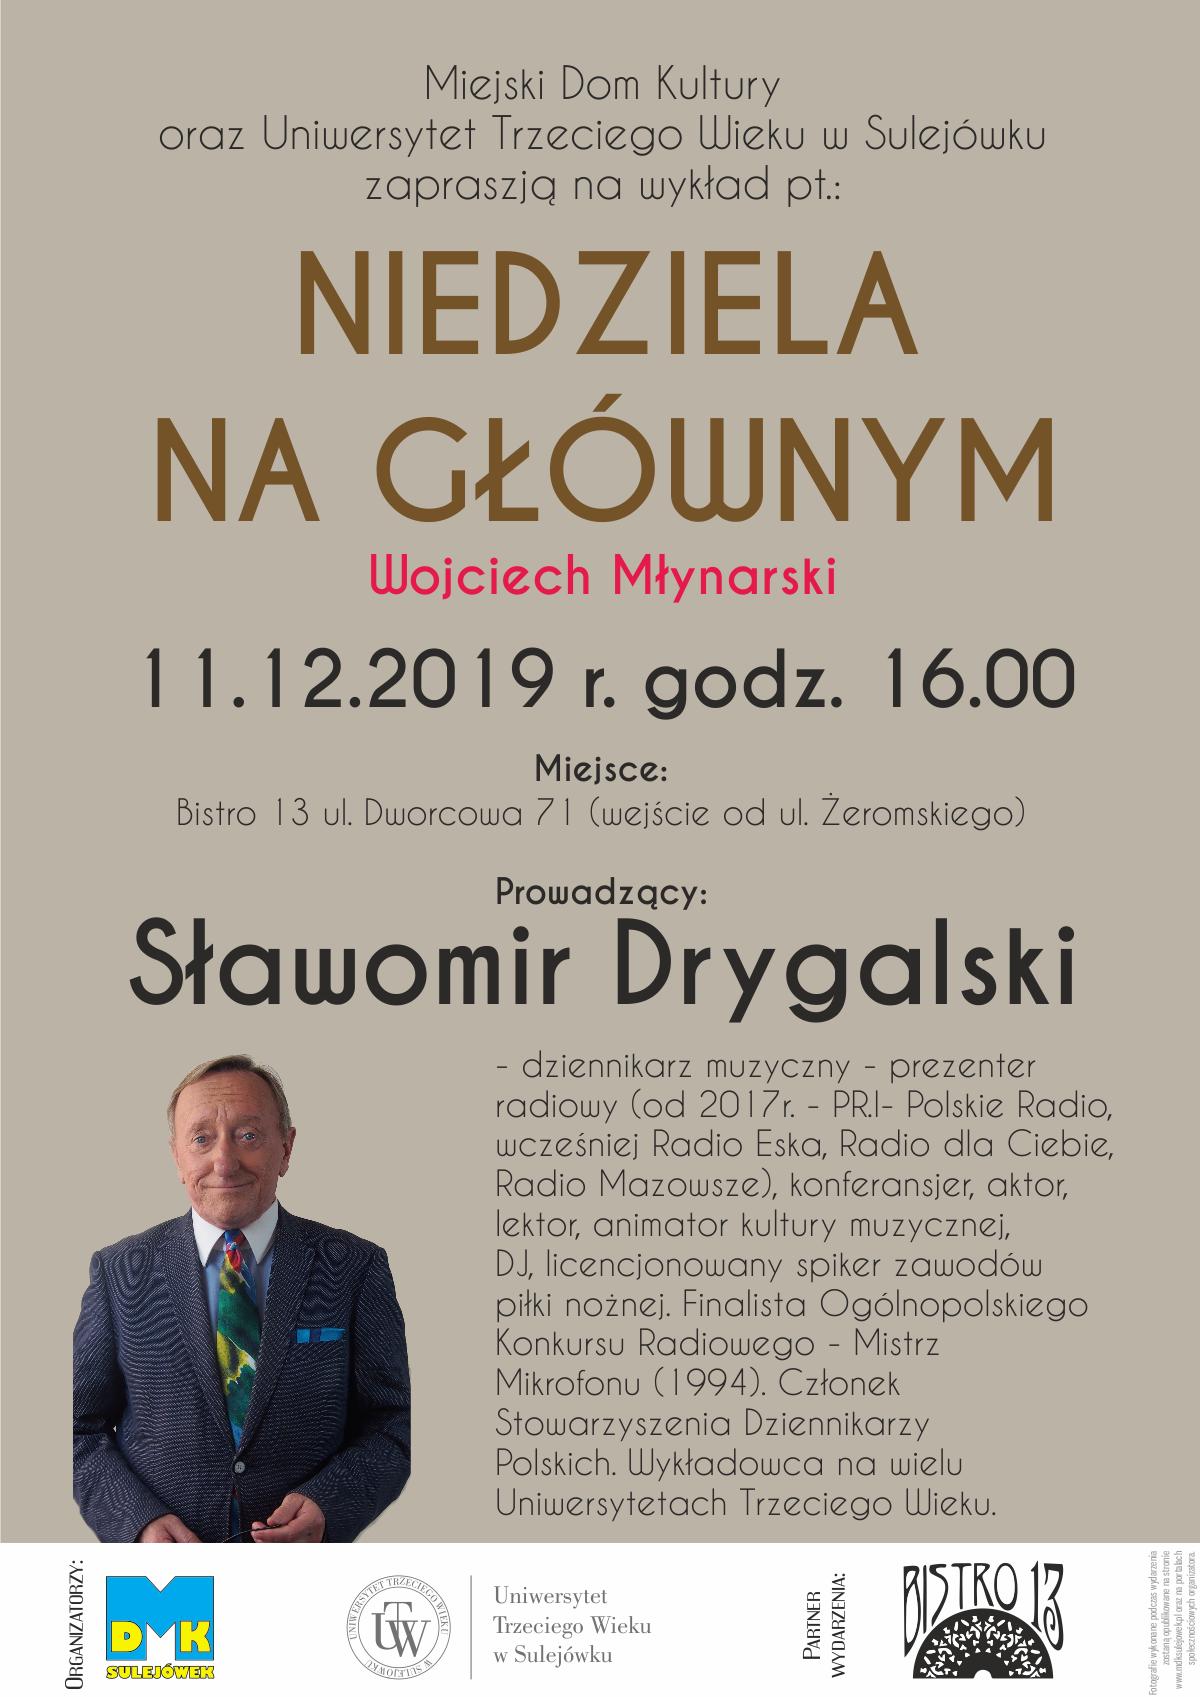 11122019 Niedziela Na Głównym Wojciech Młynarski